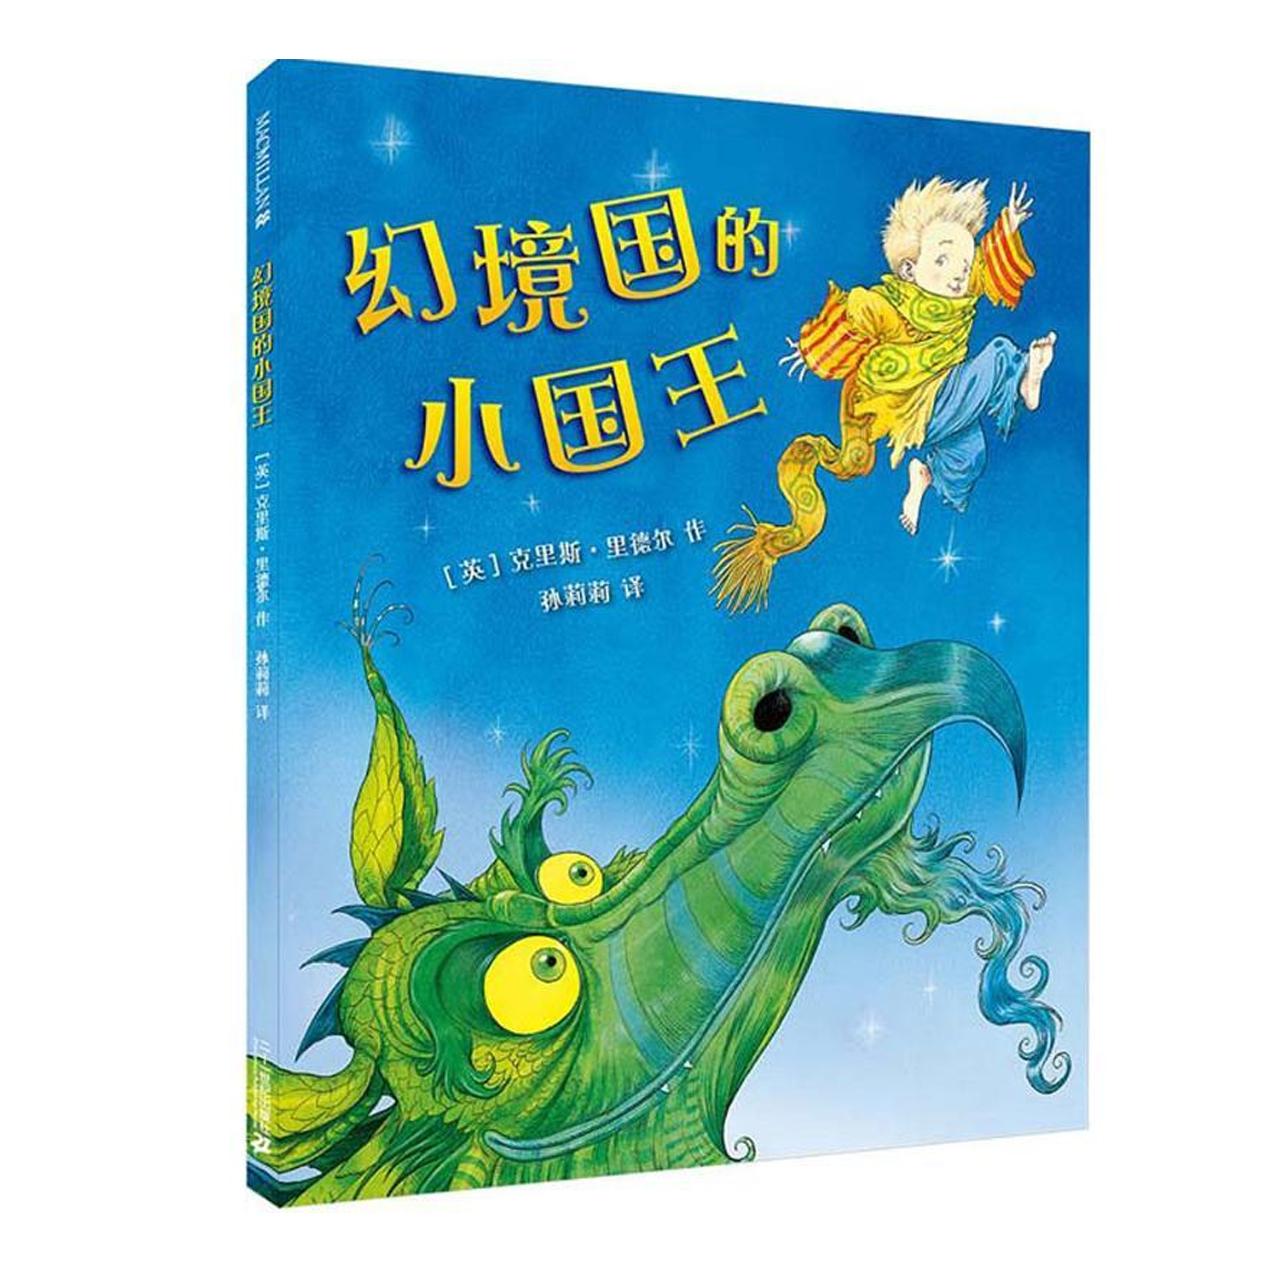 幻境国的小国王 【儿童绘本/翻译绘本/童话故事】